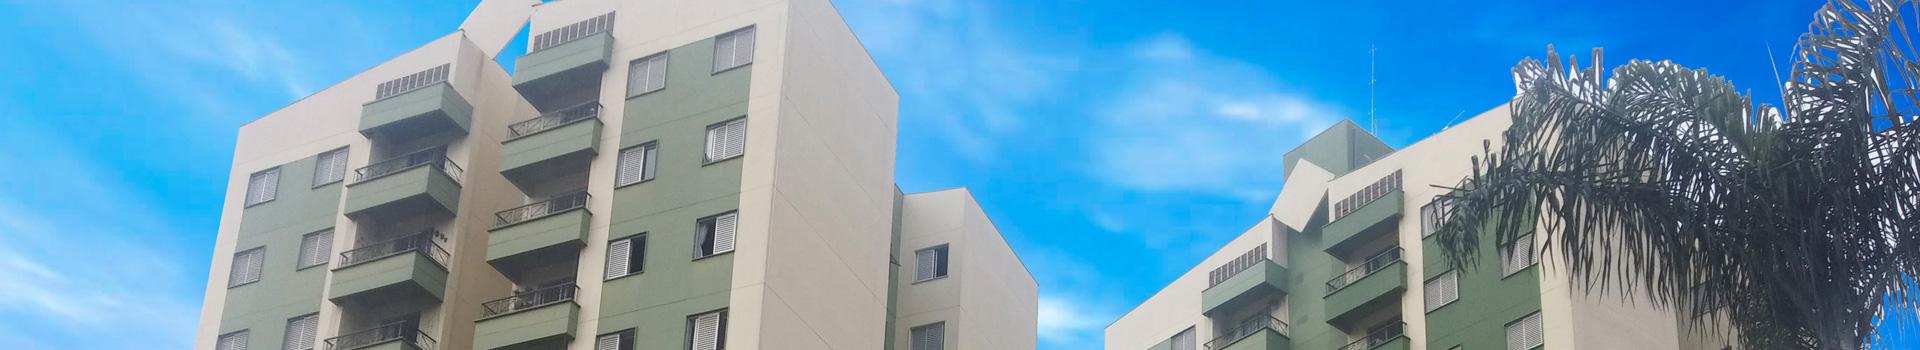 Penedos Área Construída: 7.079m² - Vila Industrial - Campinas / SP